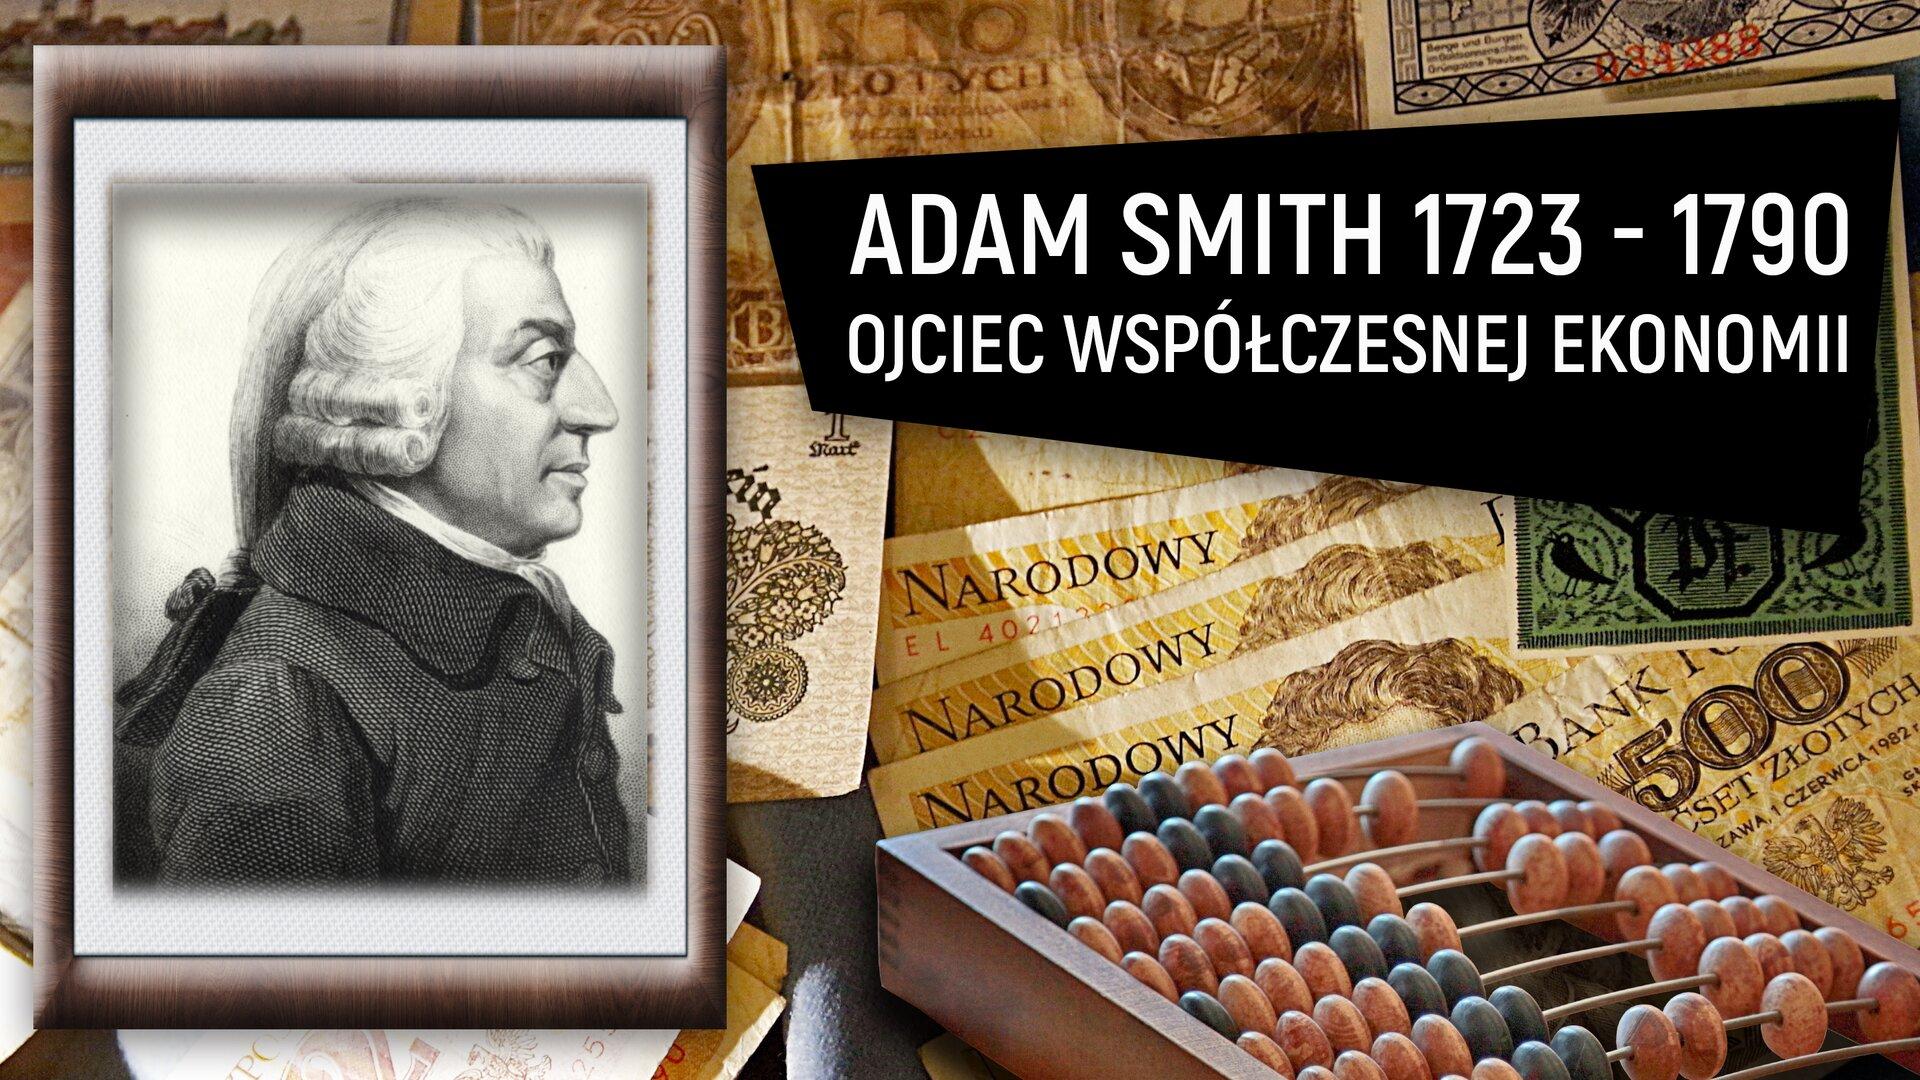 Wprostokątnym polu znajdują się dwie ilustracje. Pierwsza ilustracja przedstawia zdjęcie wbrązowej ramce. Widzimy na nim na jasnym tle, profil mężczyzny, zbiałą sędziowską peruką na głowie. To portret Adama Smitha. Wtle ilustracji znajdują się fragmenty banknotów polskich zróżnych okresów. Na dole ilustracji widać liczydło. Jest wjasnej ramie, zjasnoróżowymi iszarymi koralikami do liczenia. Po prawej stronie ilustracji na czarnym tle widnieje biały napis: ADAM SMITH 1723-1790 OJCIEC WSPÓŁCZESNEJ EKONOMII.